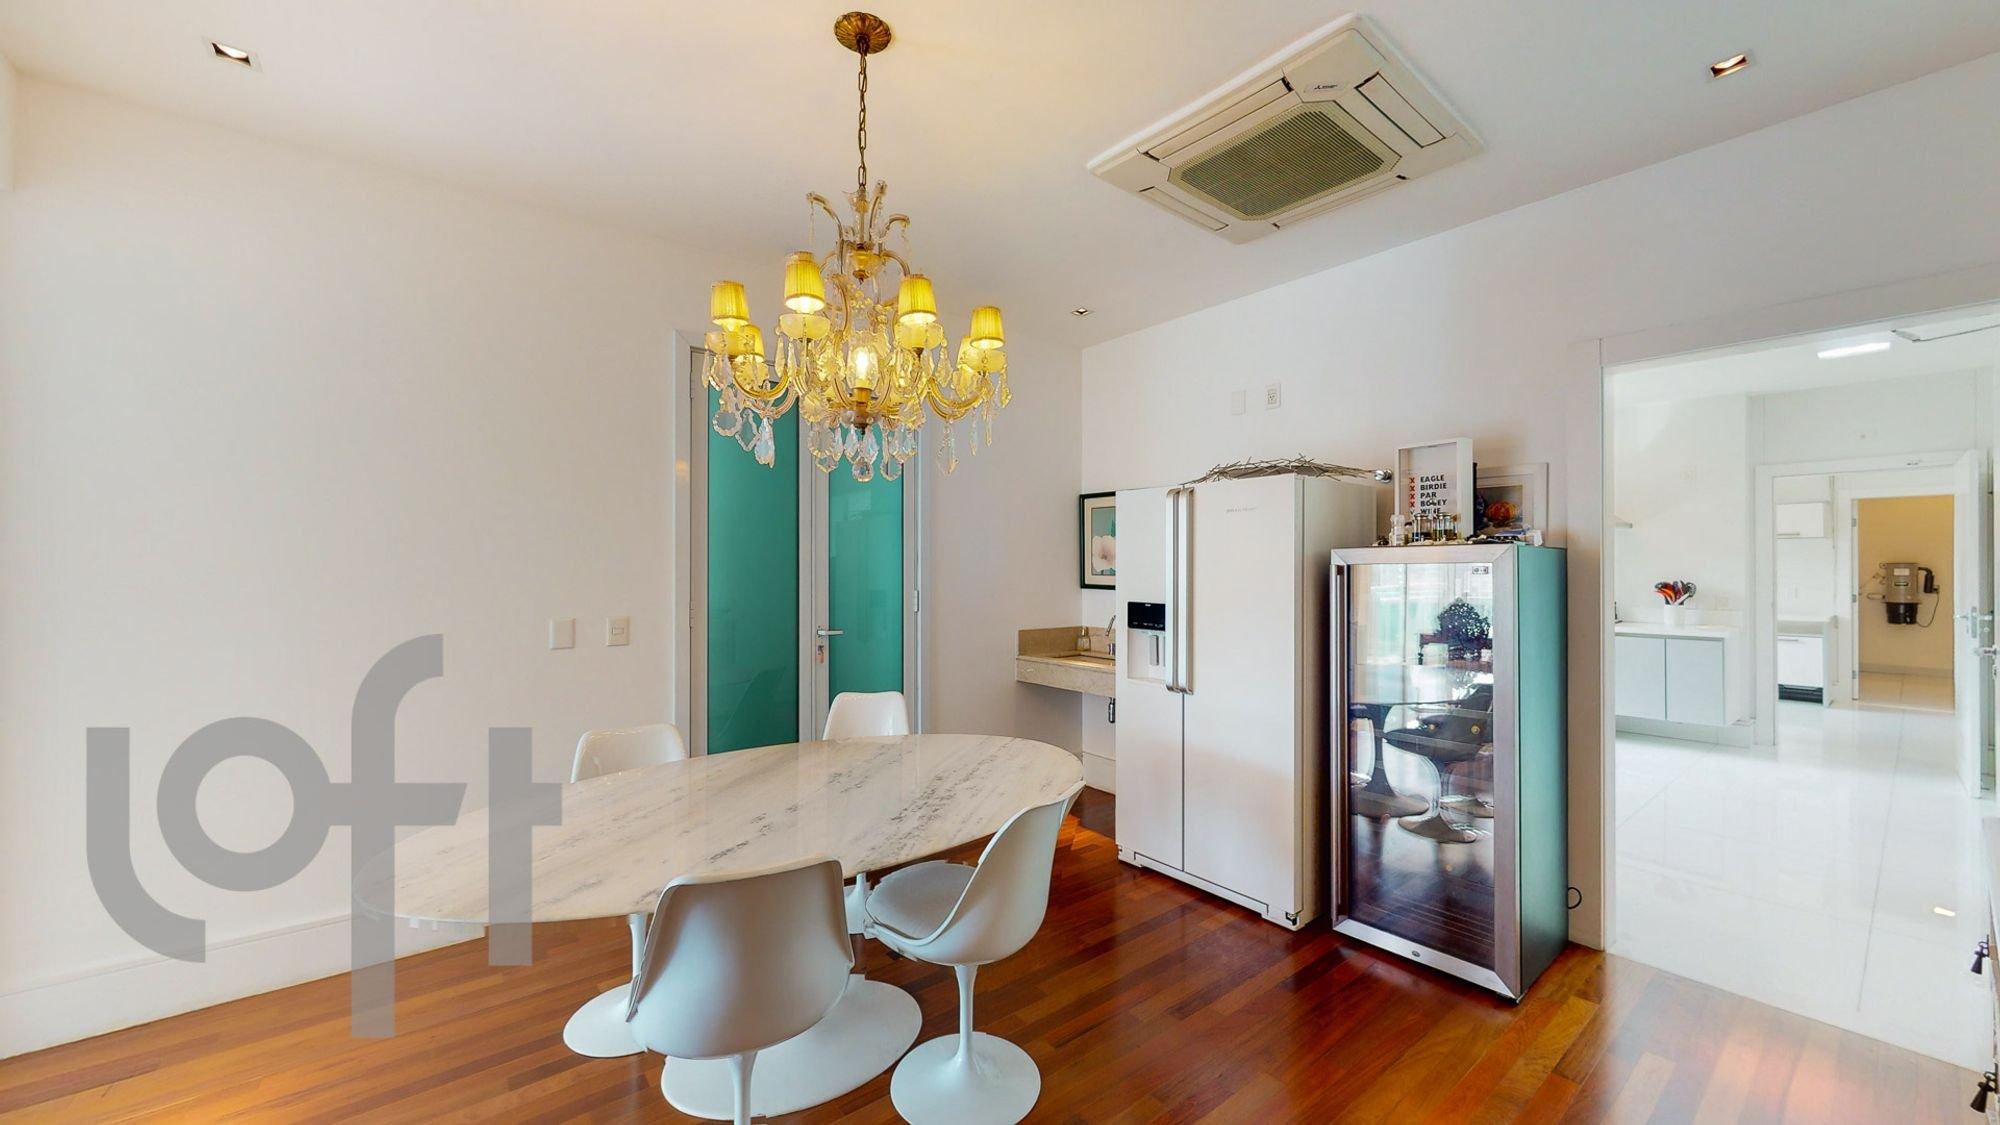 Foto de Sala com televisão, tigela, cadeira, mesa de jantar